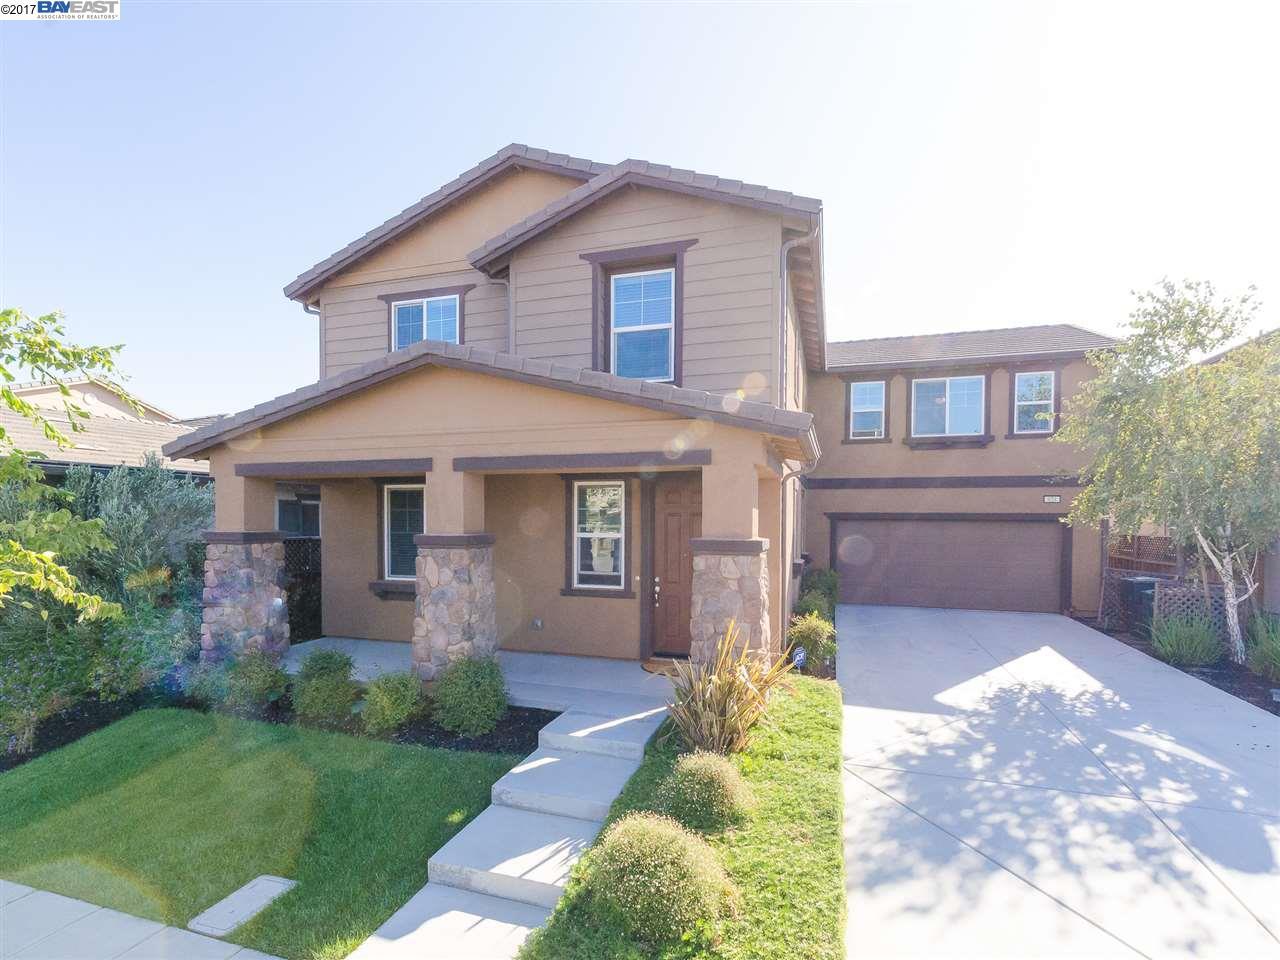 Einfamilienhaus für Verkauf beim 624 N Oliveto Drive 624 N Oliveto Drive Mountain House, Kalifornien 95391 Vereinigte Staaten